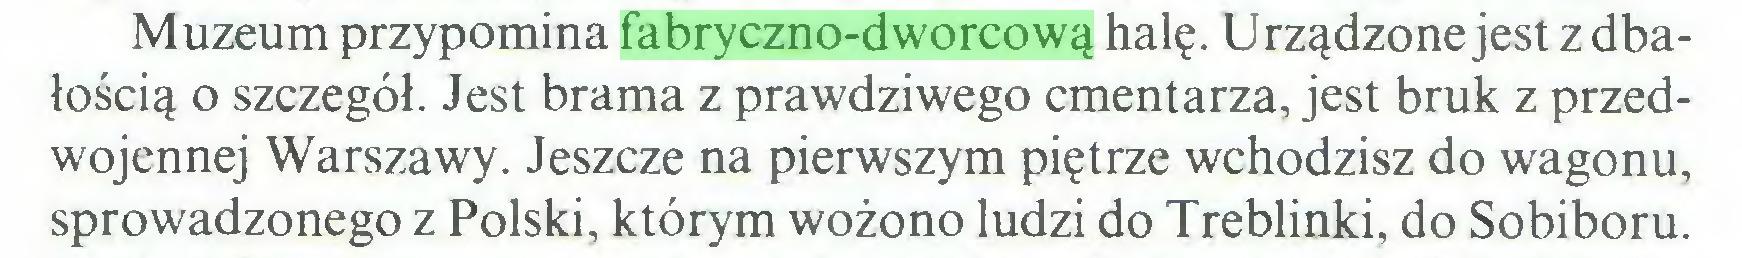 (...) Muzeum przypomina fabryczno-dworcową halę. Urządzone jest z dbałością o szczegół. Jest brama z prawdziwego cmentarza, jest bruk z przedwojennej Warszawy. Jeszcze na pierwszym piętrze wchodzisz do wagonu, sprowadzonego z Polski, którym wożono ludzi do Treblinki, do Sobiboru...